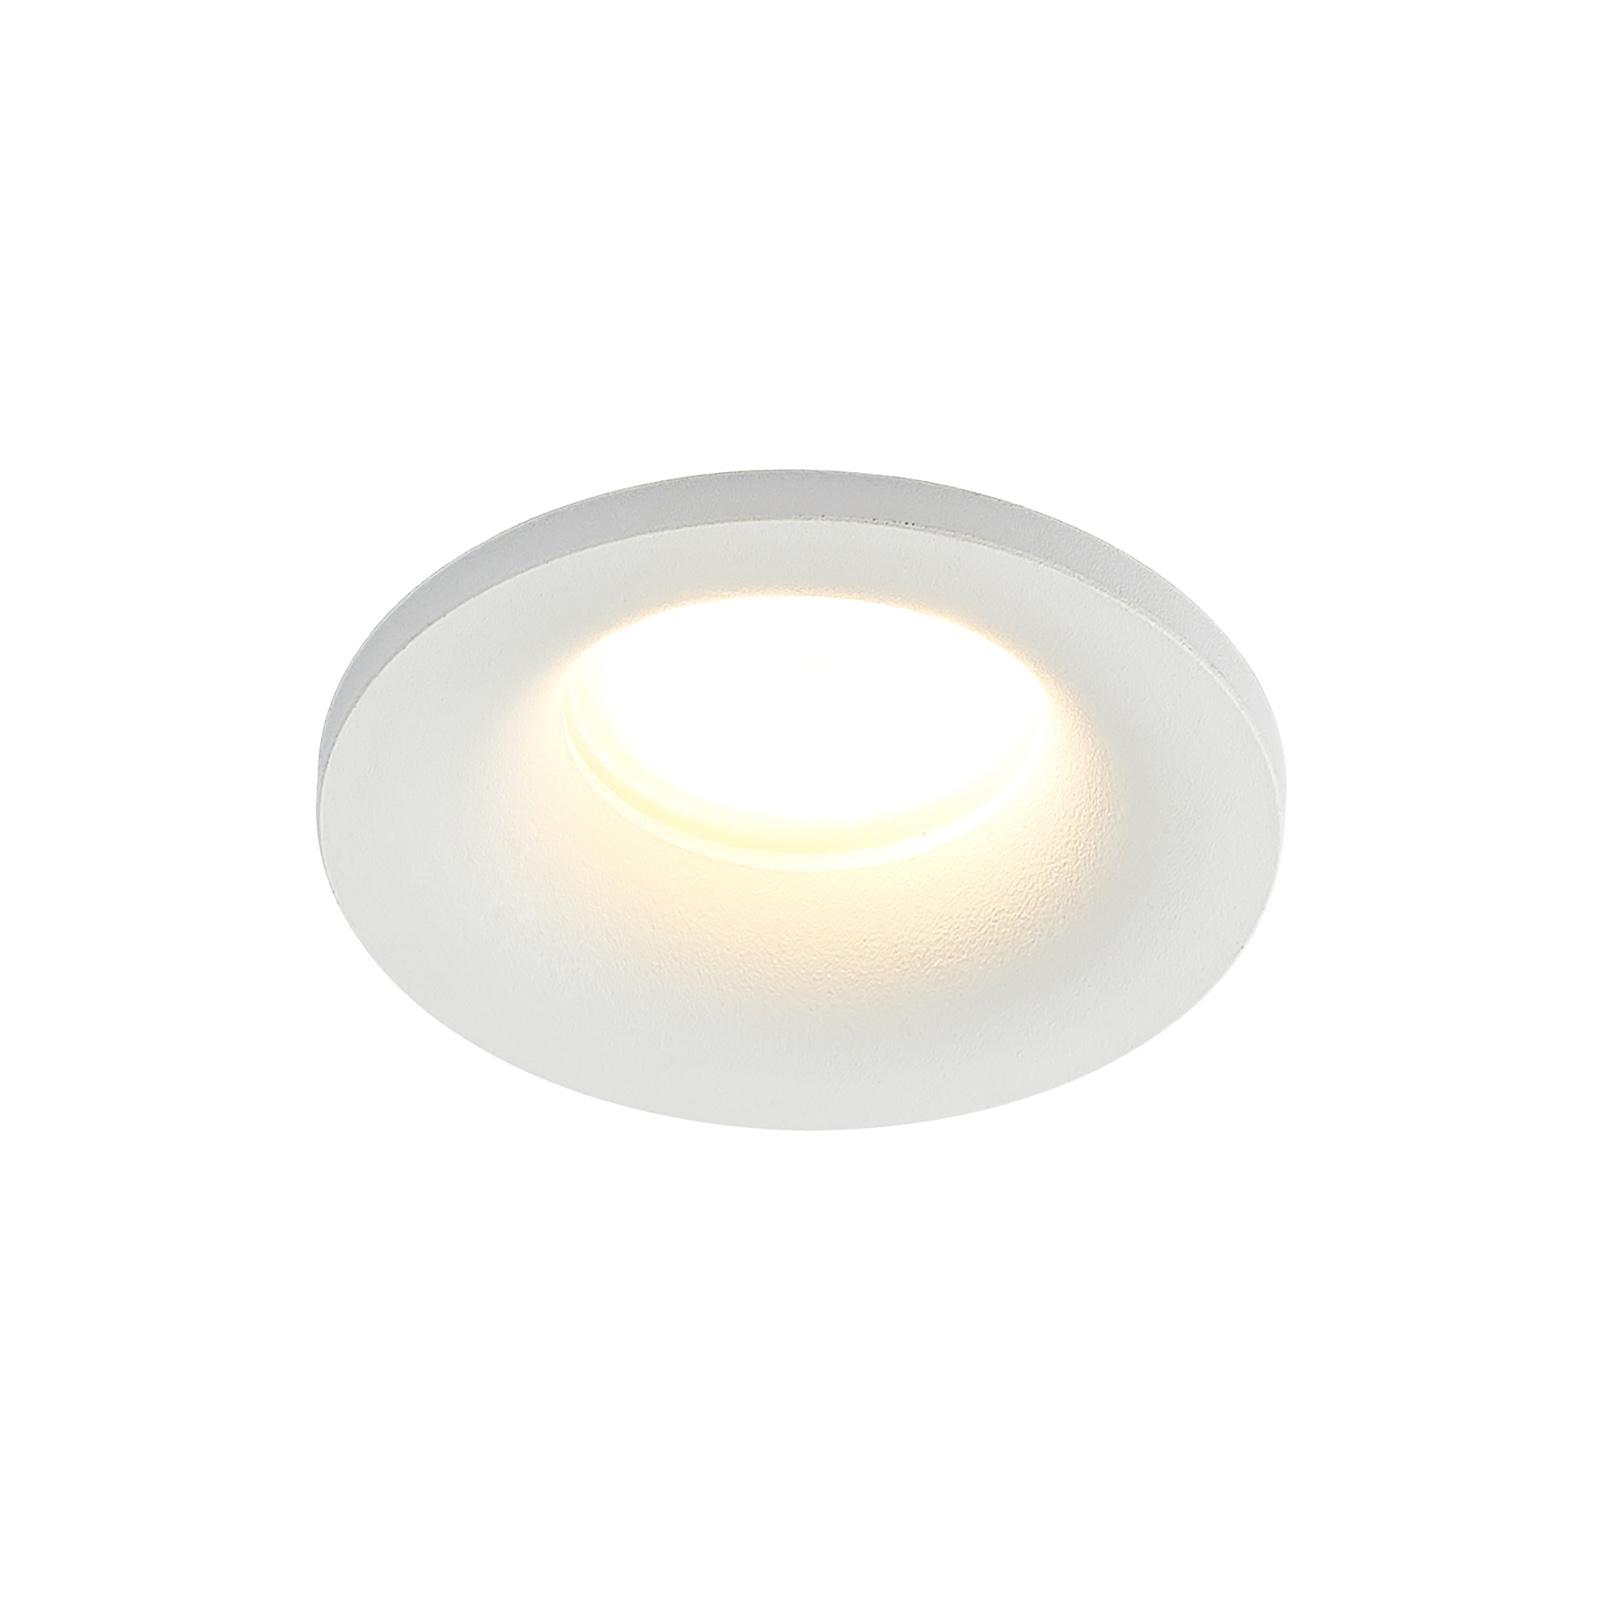 Arcchio Enia Einbauleuchte, rund, weiß